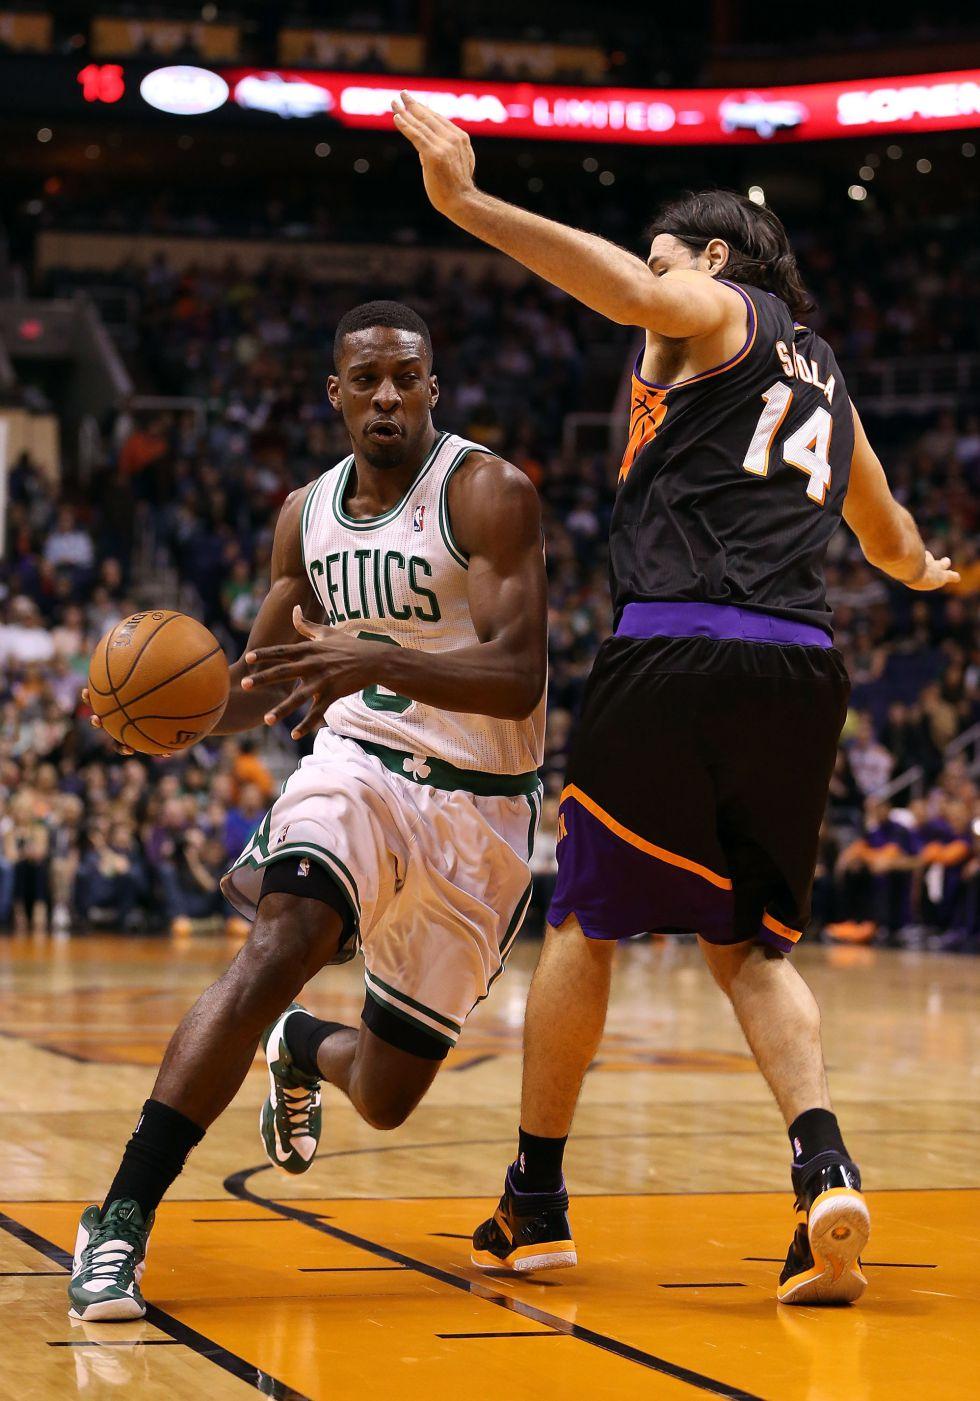 Green juega como titular y dirige la victoria de los Celtics